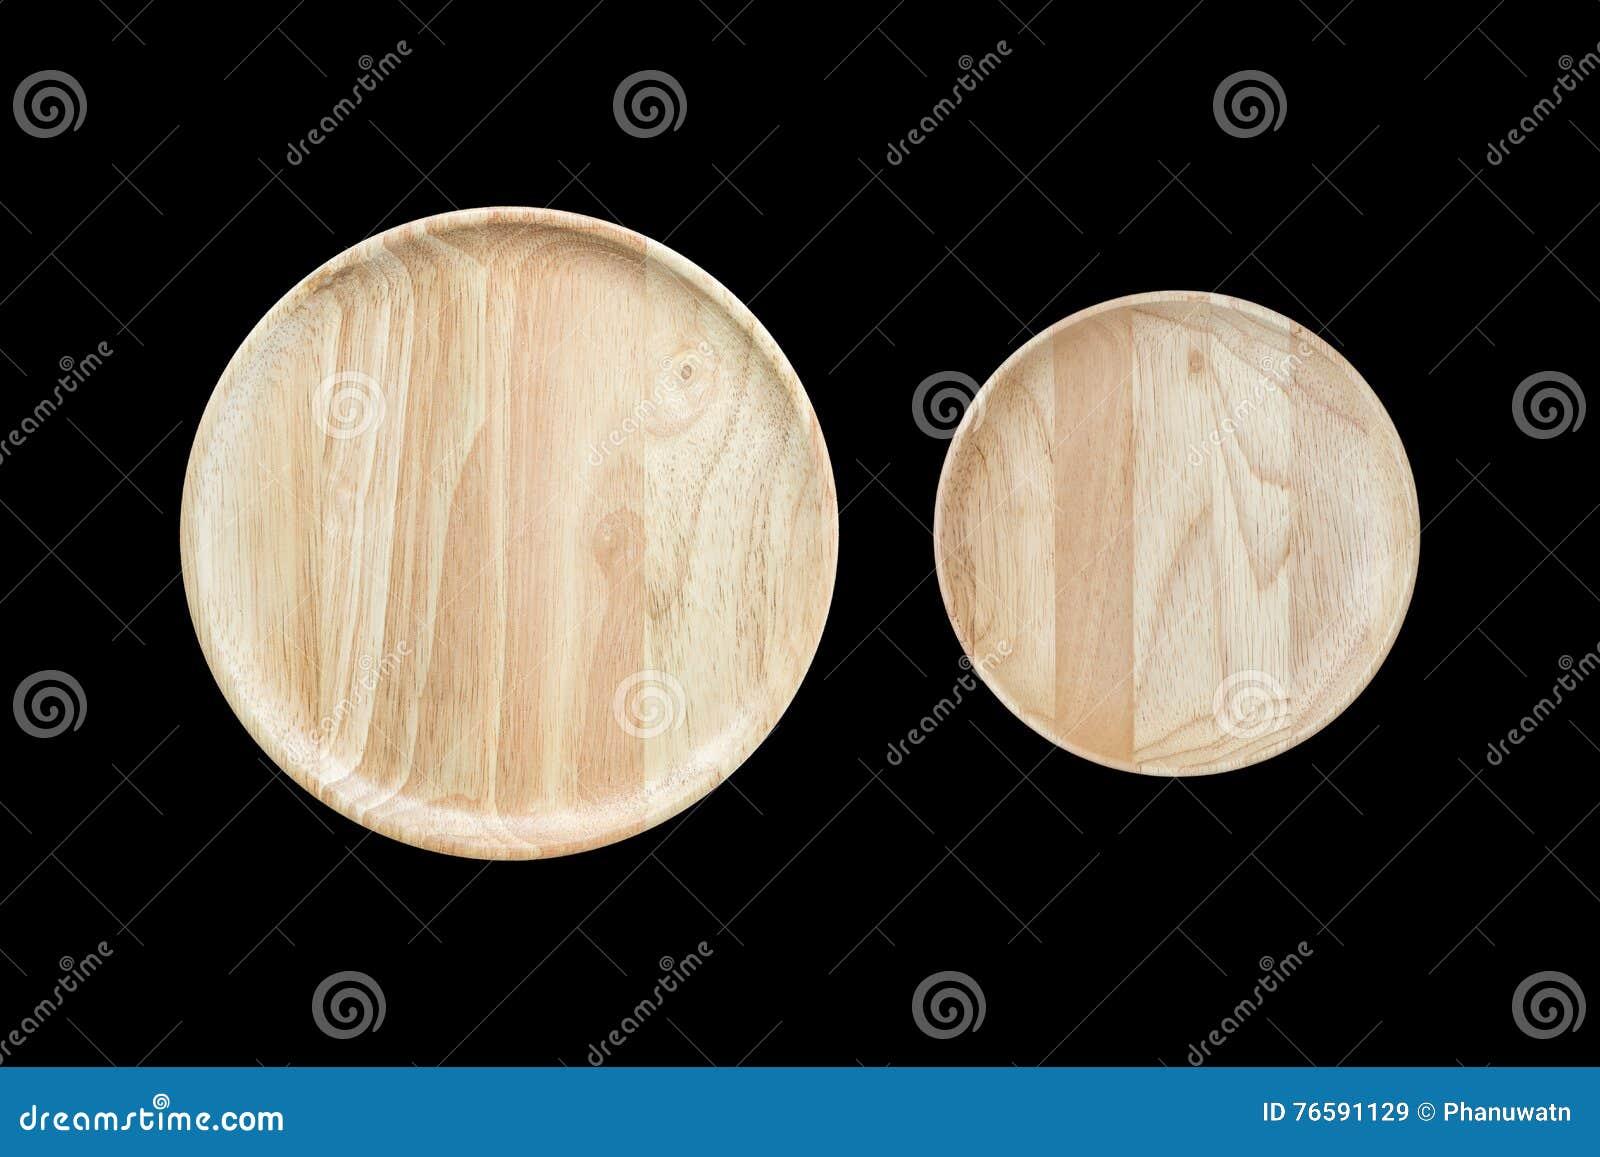 Prato de madeira vazio brilhante da vista superior isolado no branco Salvar com